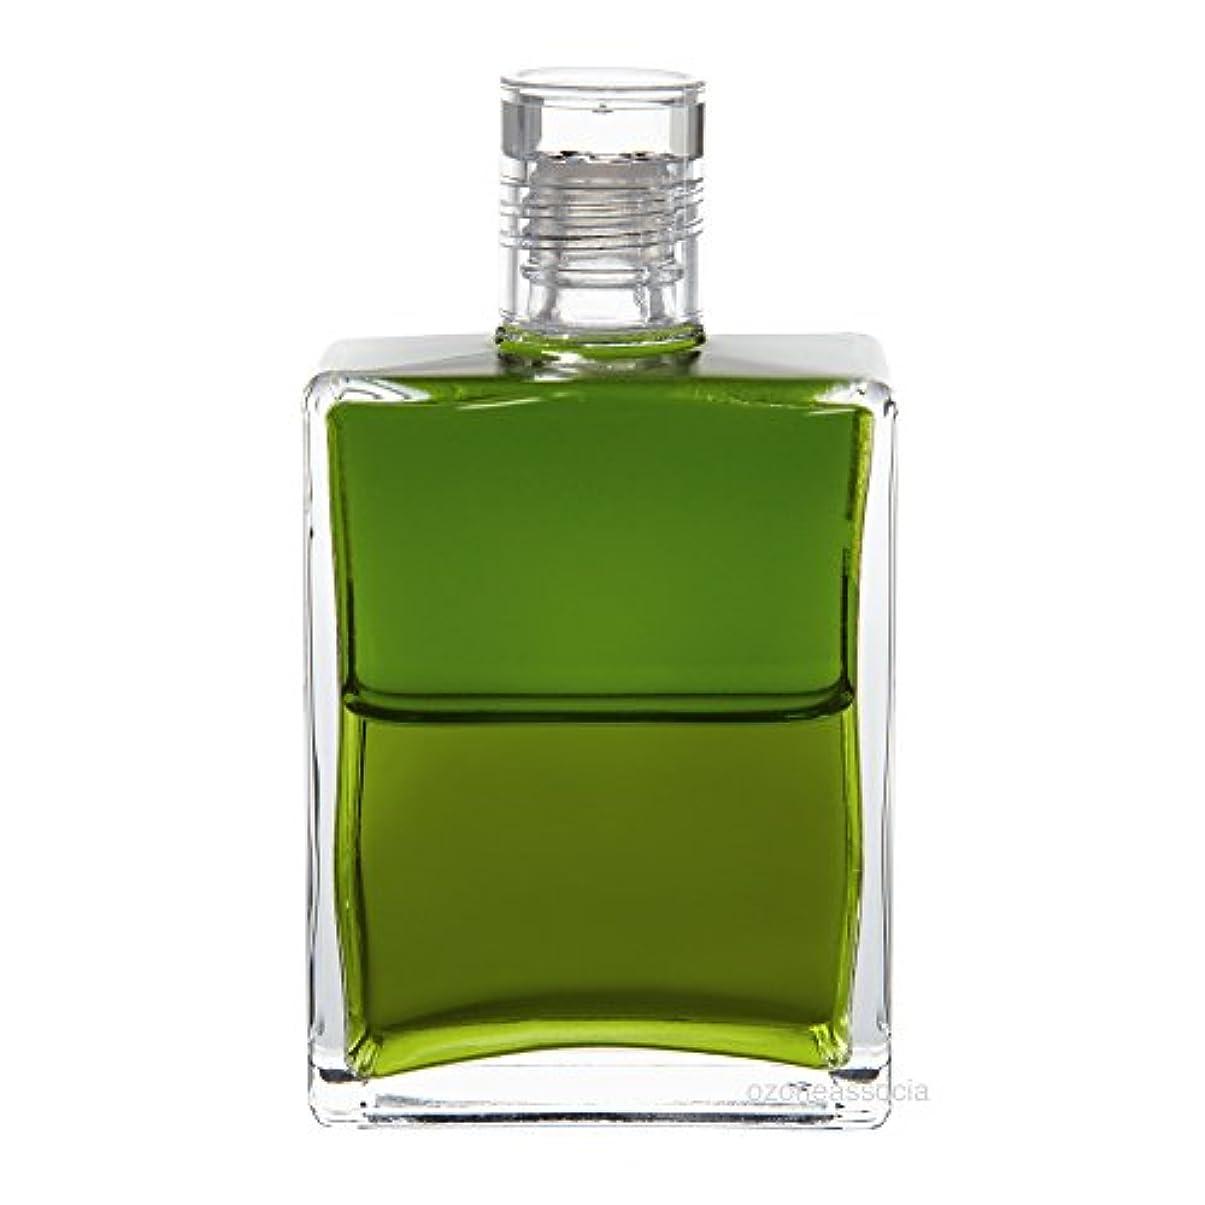 ラテン充実蓮オーラソーマ ボトル 91番  ハートのフェミニン?リーダーシップ (オリーブグリーン/オリーブグリーン) イクイリブリアムボトル50ml Aurasoma